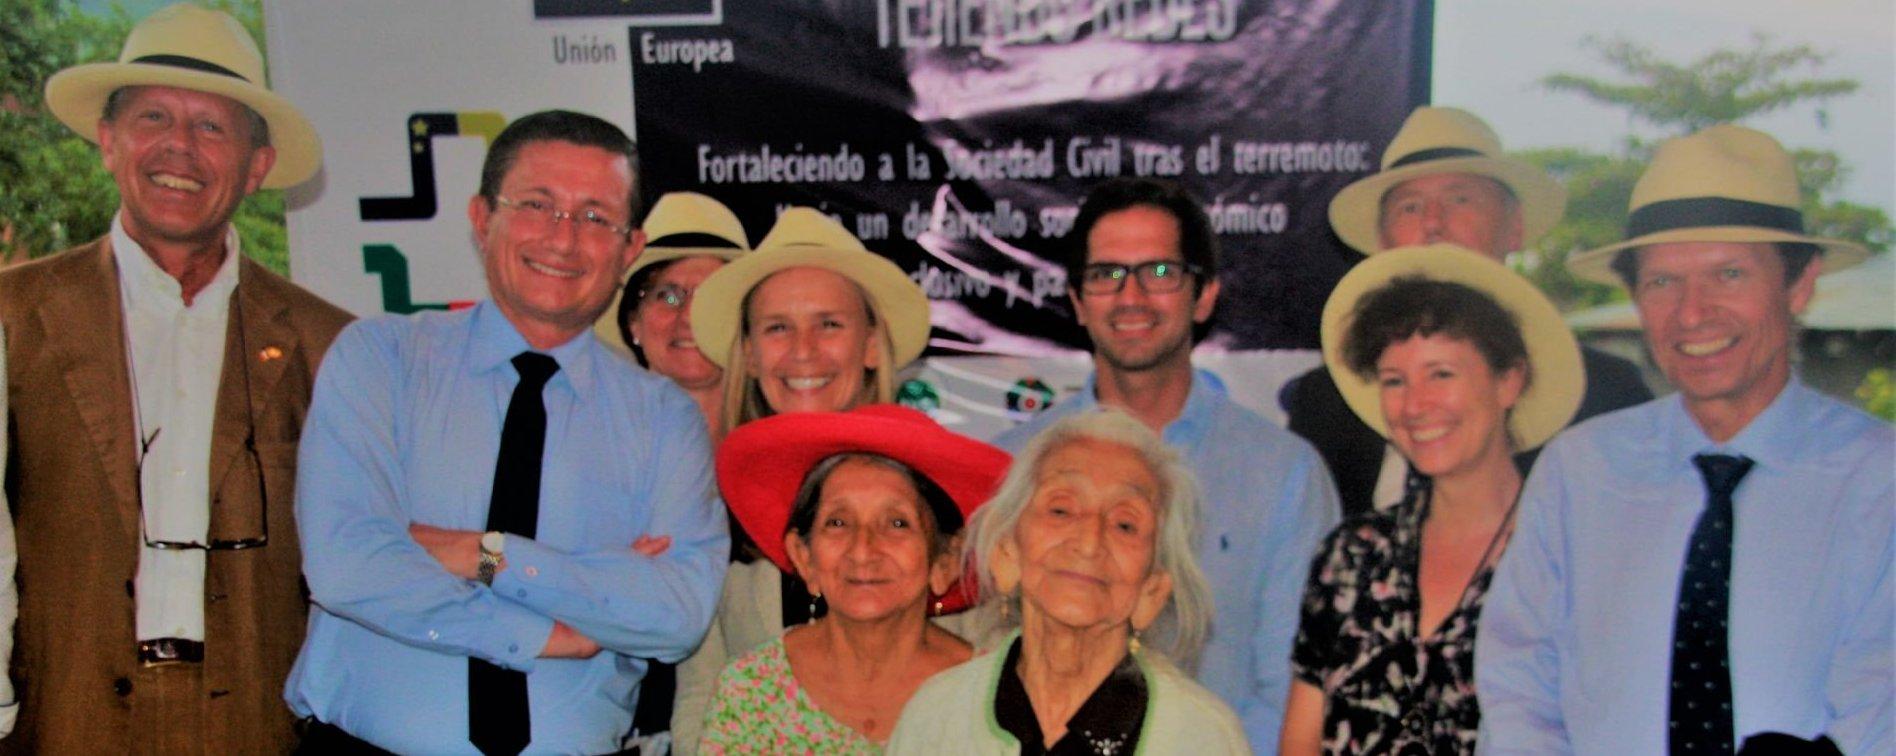 Embajadores en Ecuador